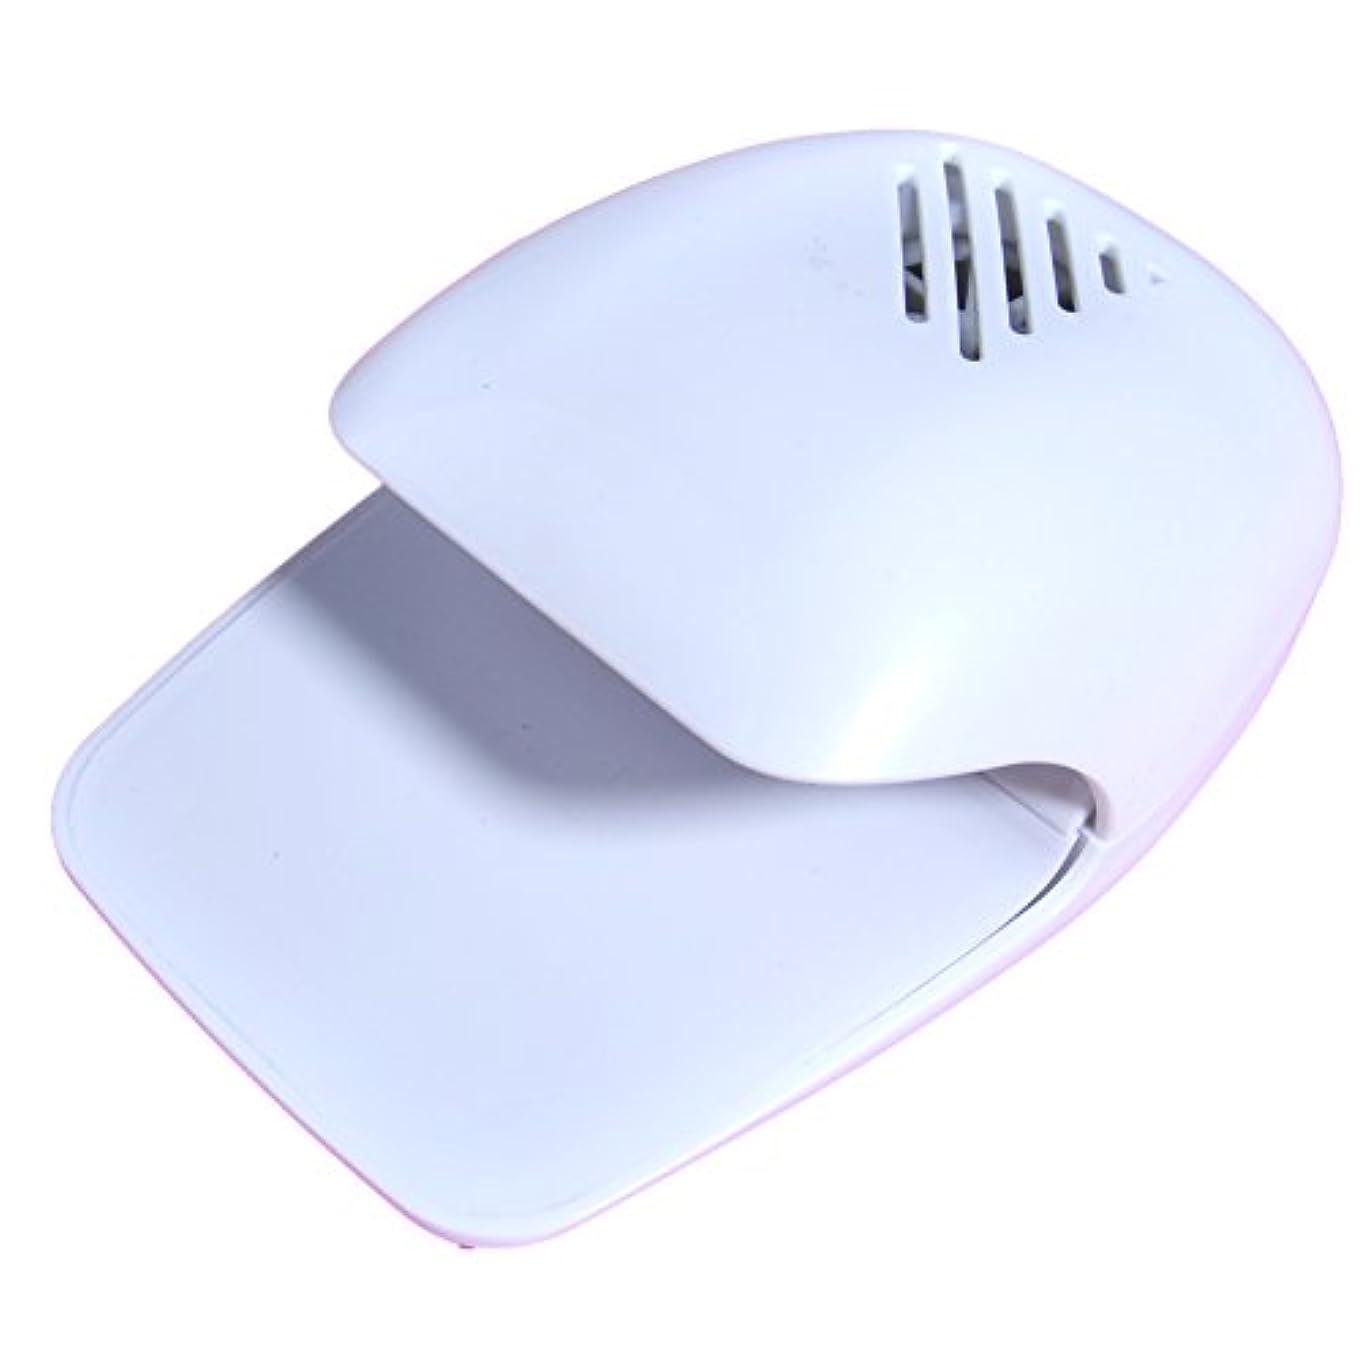 導出怖がって死ぬディンカルビルユニークモール(UniqueMall)風で優しくネイルを乾かす ネイル乾燥機 シャイニーネイルドライヤー マニキュア用 乾燥爪